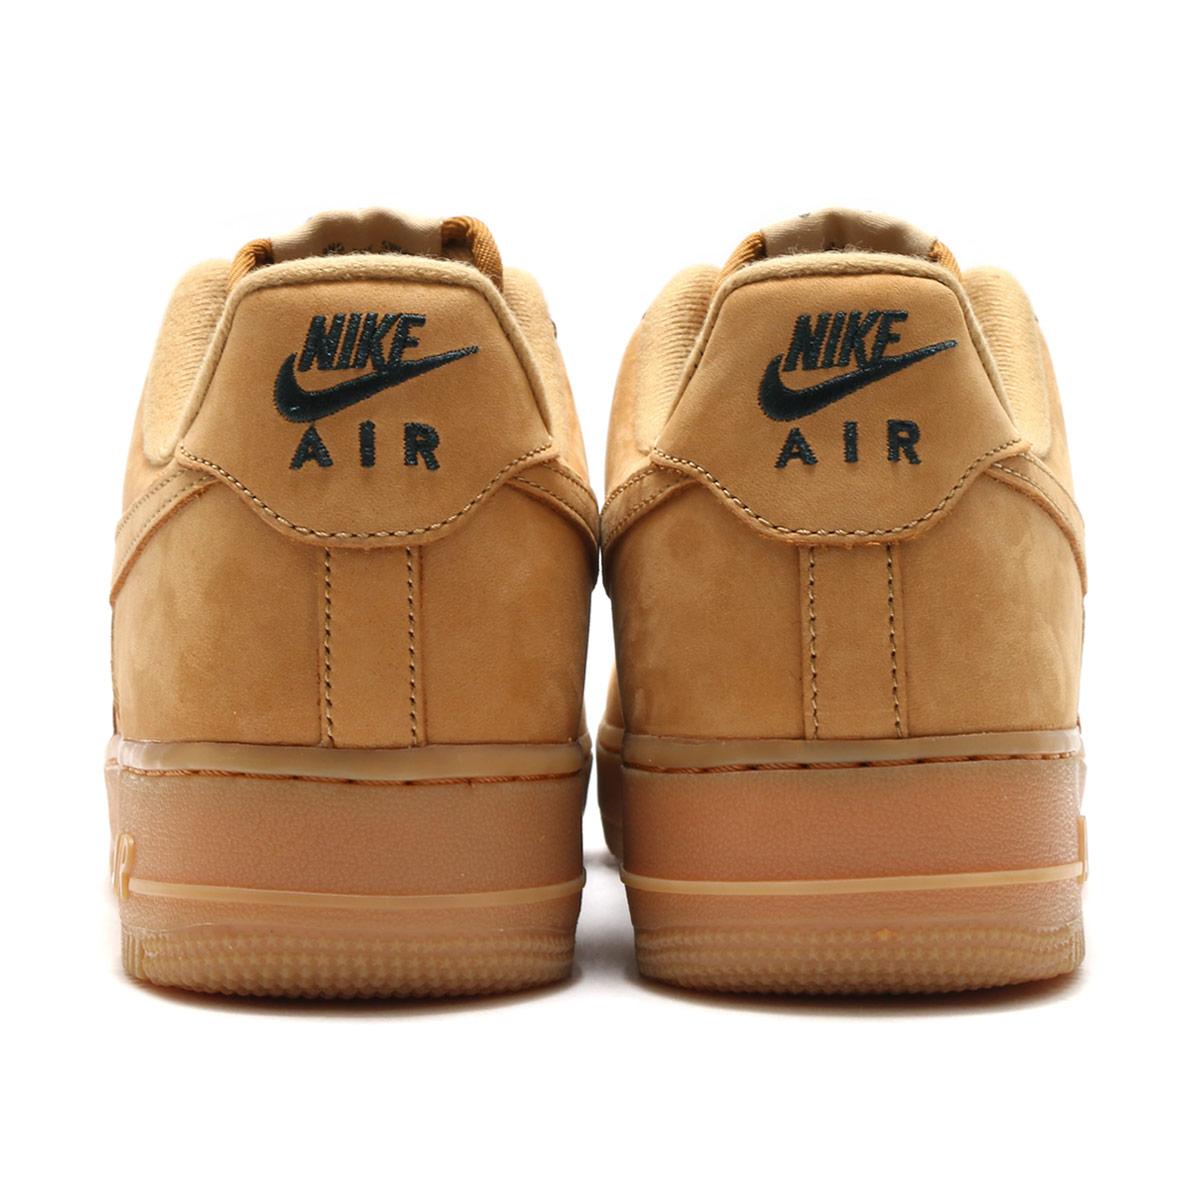 cb55445de atmos pink: NIKE AIR FORCE 1 '07 WB (Nike air force 1 '07 WB) (FLAX ...